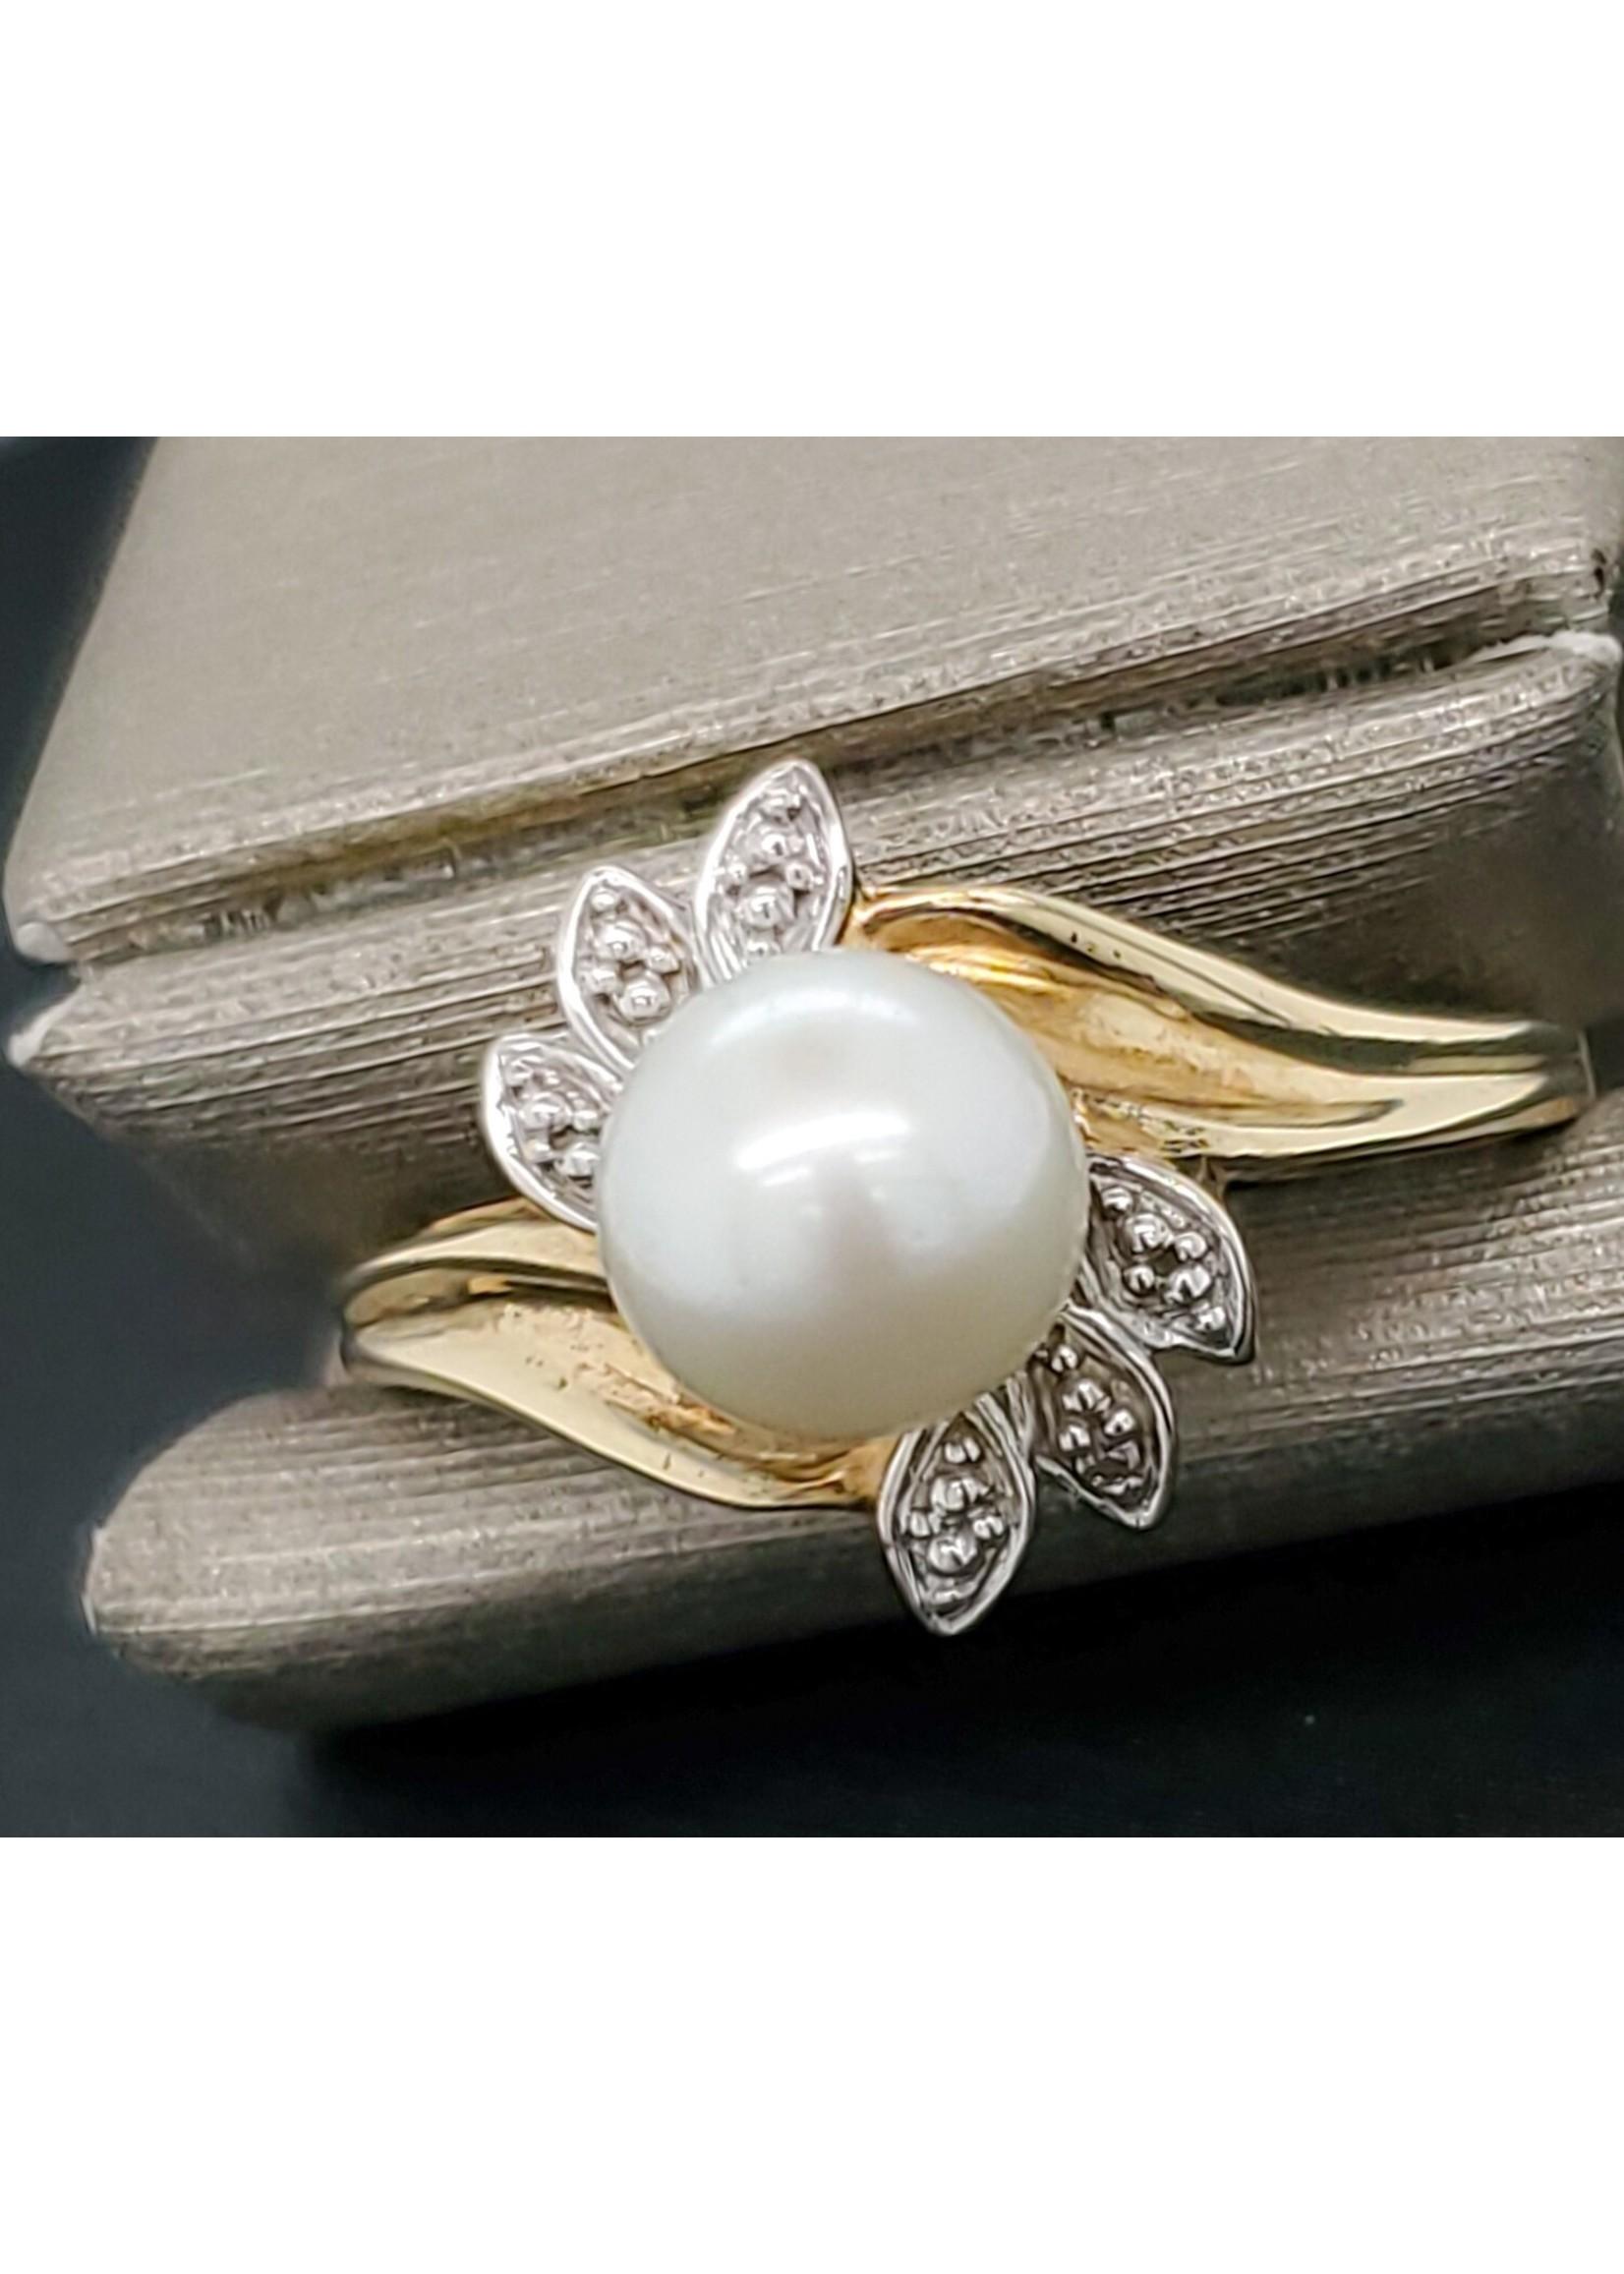 Vintage Jewellery Vintage 10k Pearl Ring | Sz 7 1.37mm Band